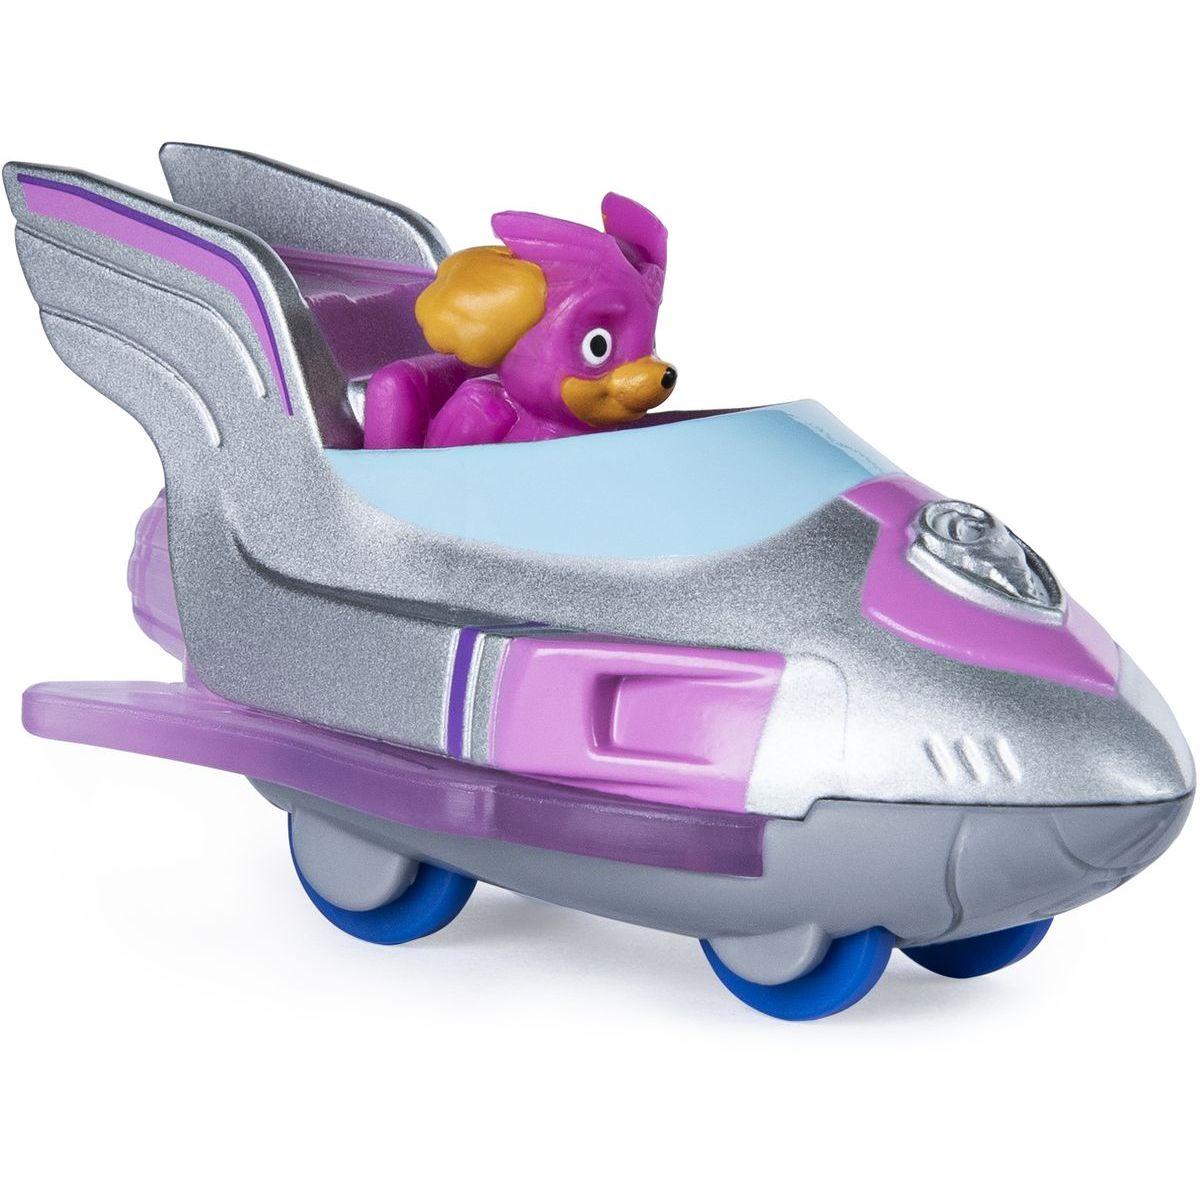 Spin Master Paw Patrol kovová autíčka super hrdinů Skye